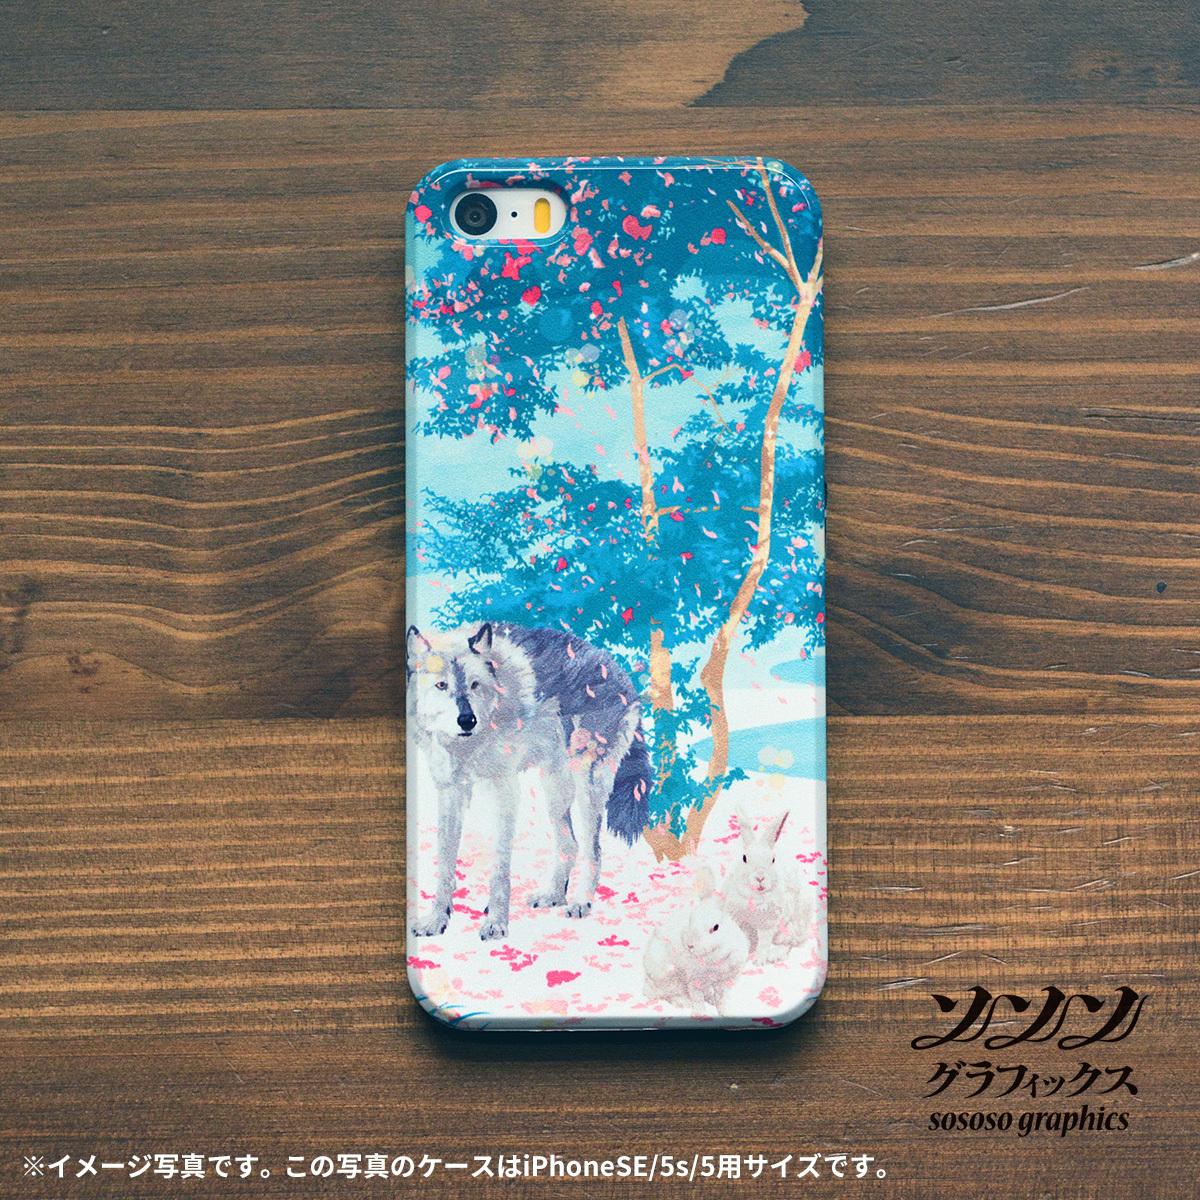 アイフォン5c うさぎケース iphone5c ケース うさぎ アイフォン5c ケース うさぎ 春風/sososo graphics